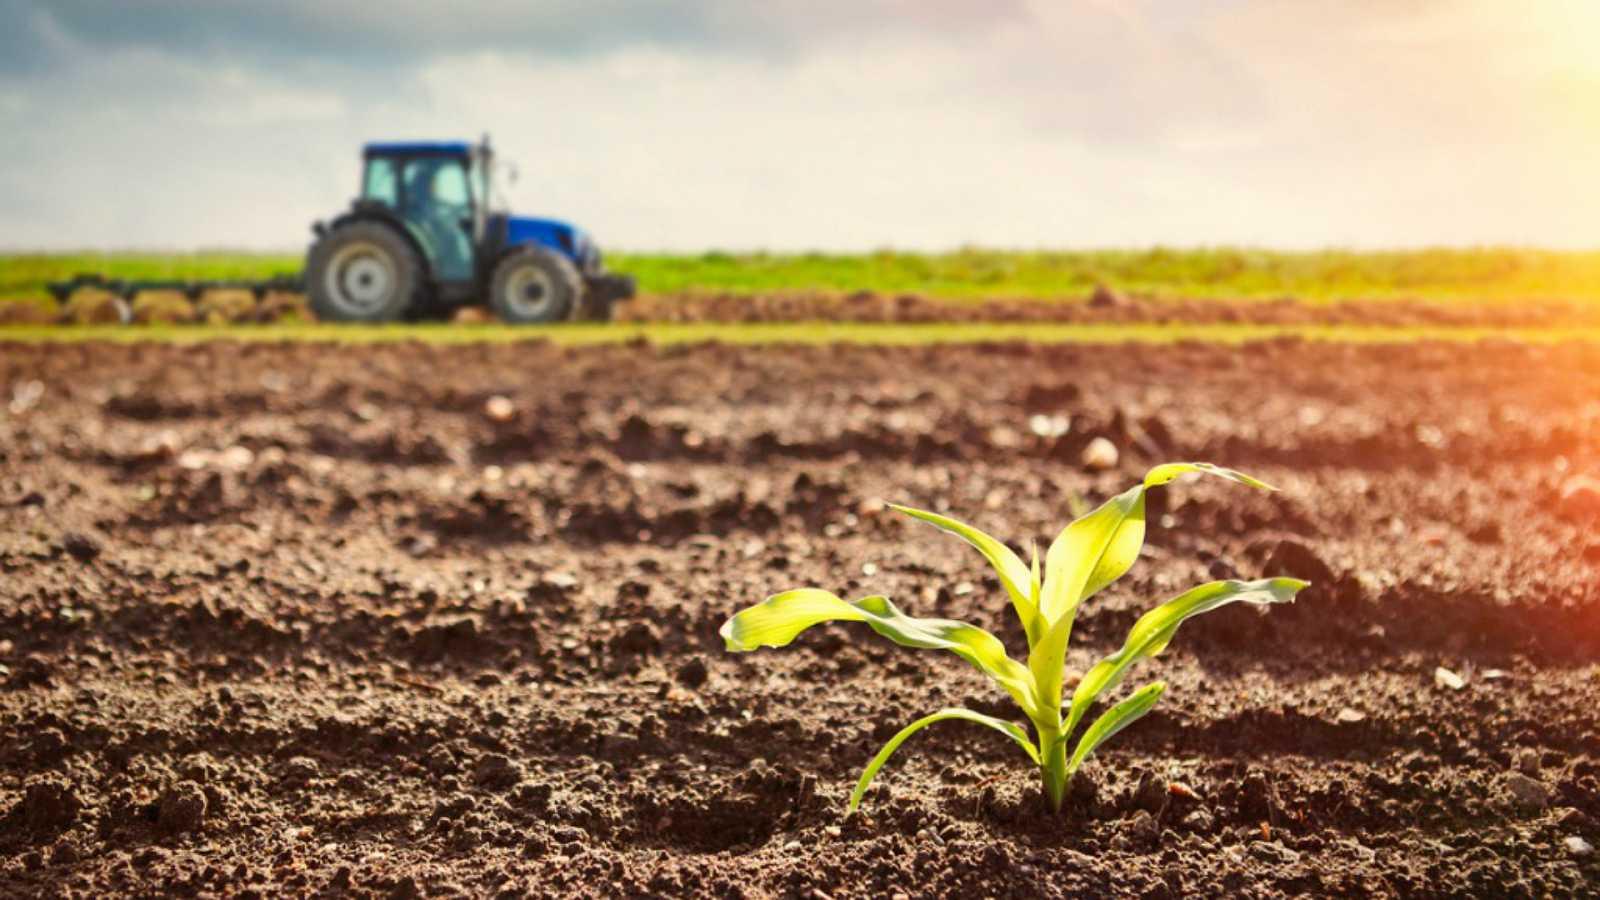 Mundo rural - Movilizaciones agrarias - 05/02/20 - Escuchar ahora